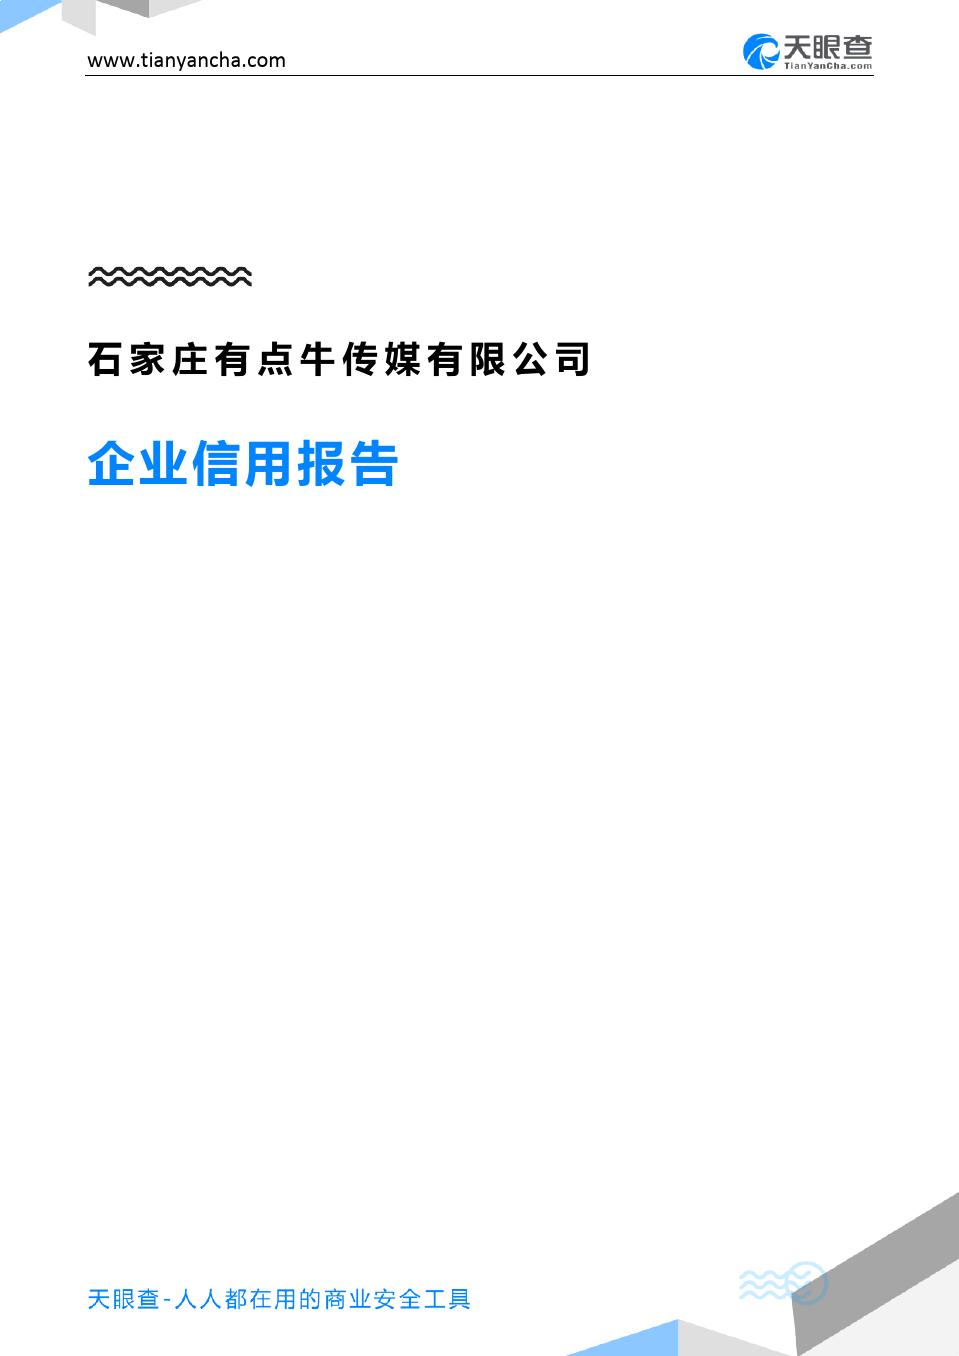 石家庄有点牛传媒有限公司(企业信用报告)- 天眼查